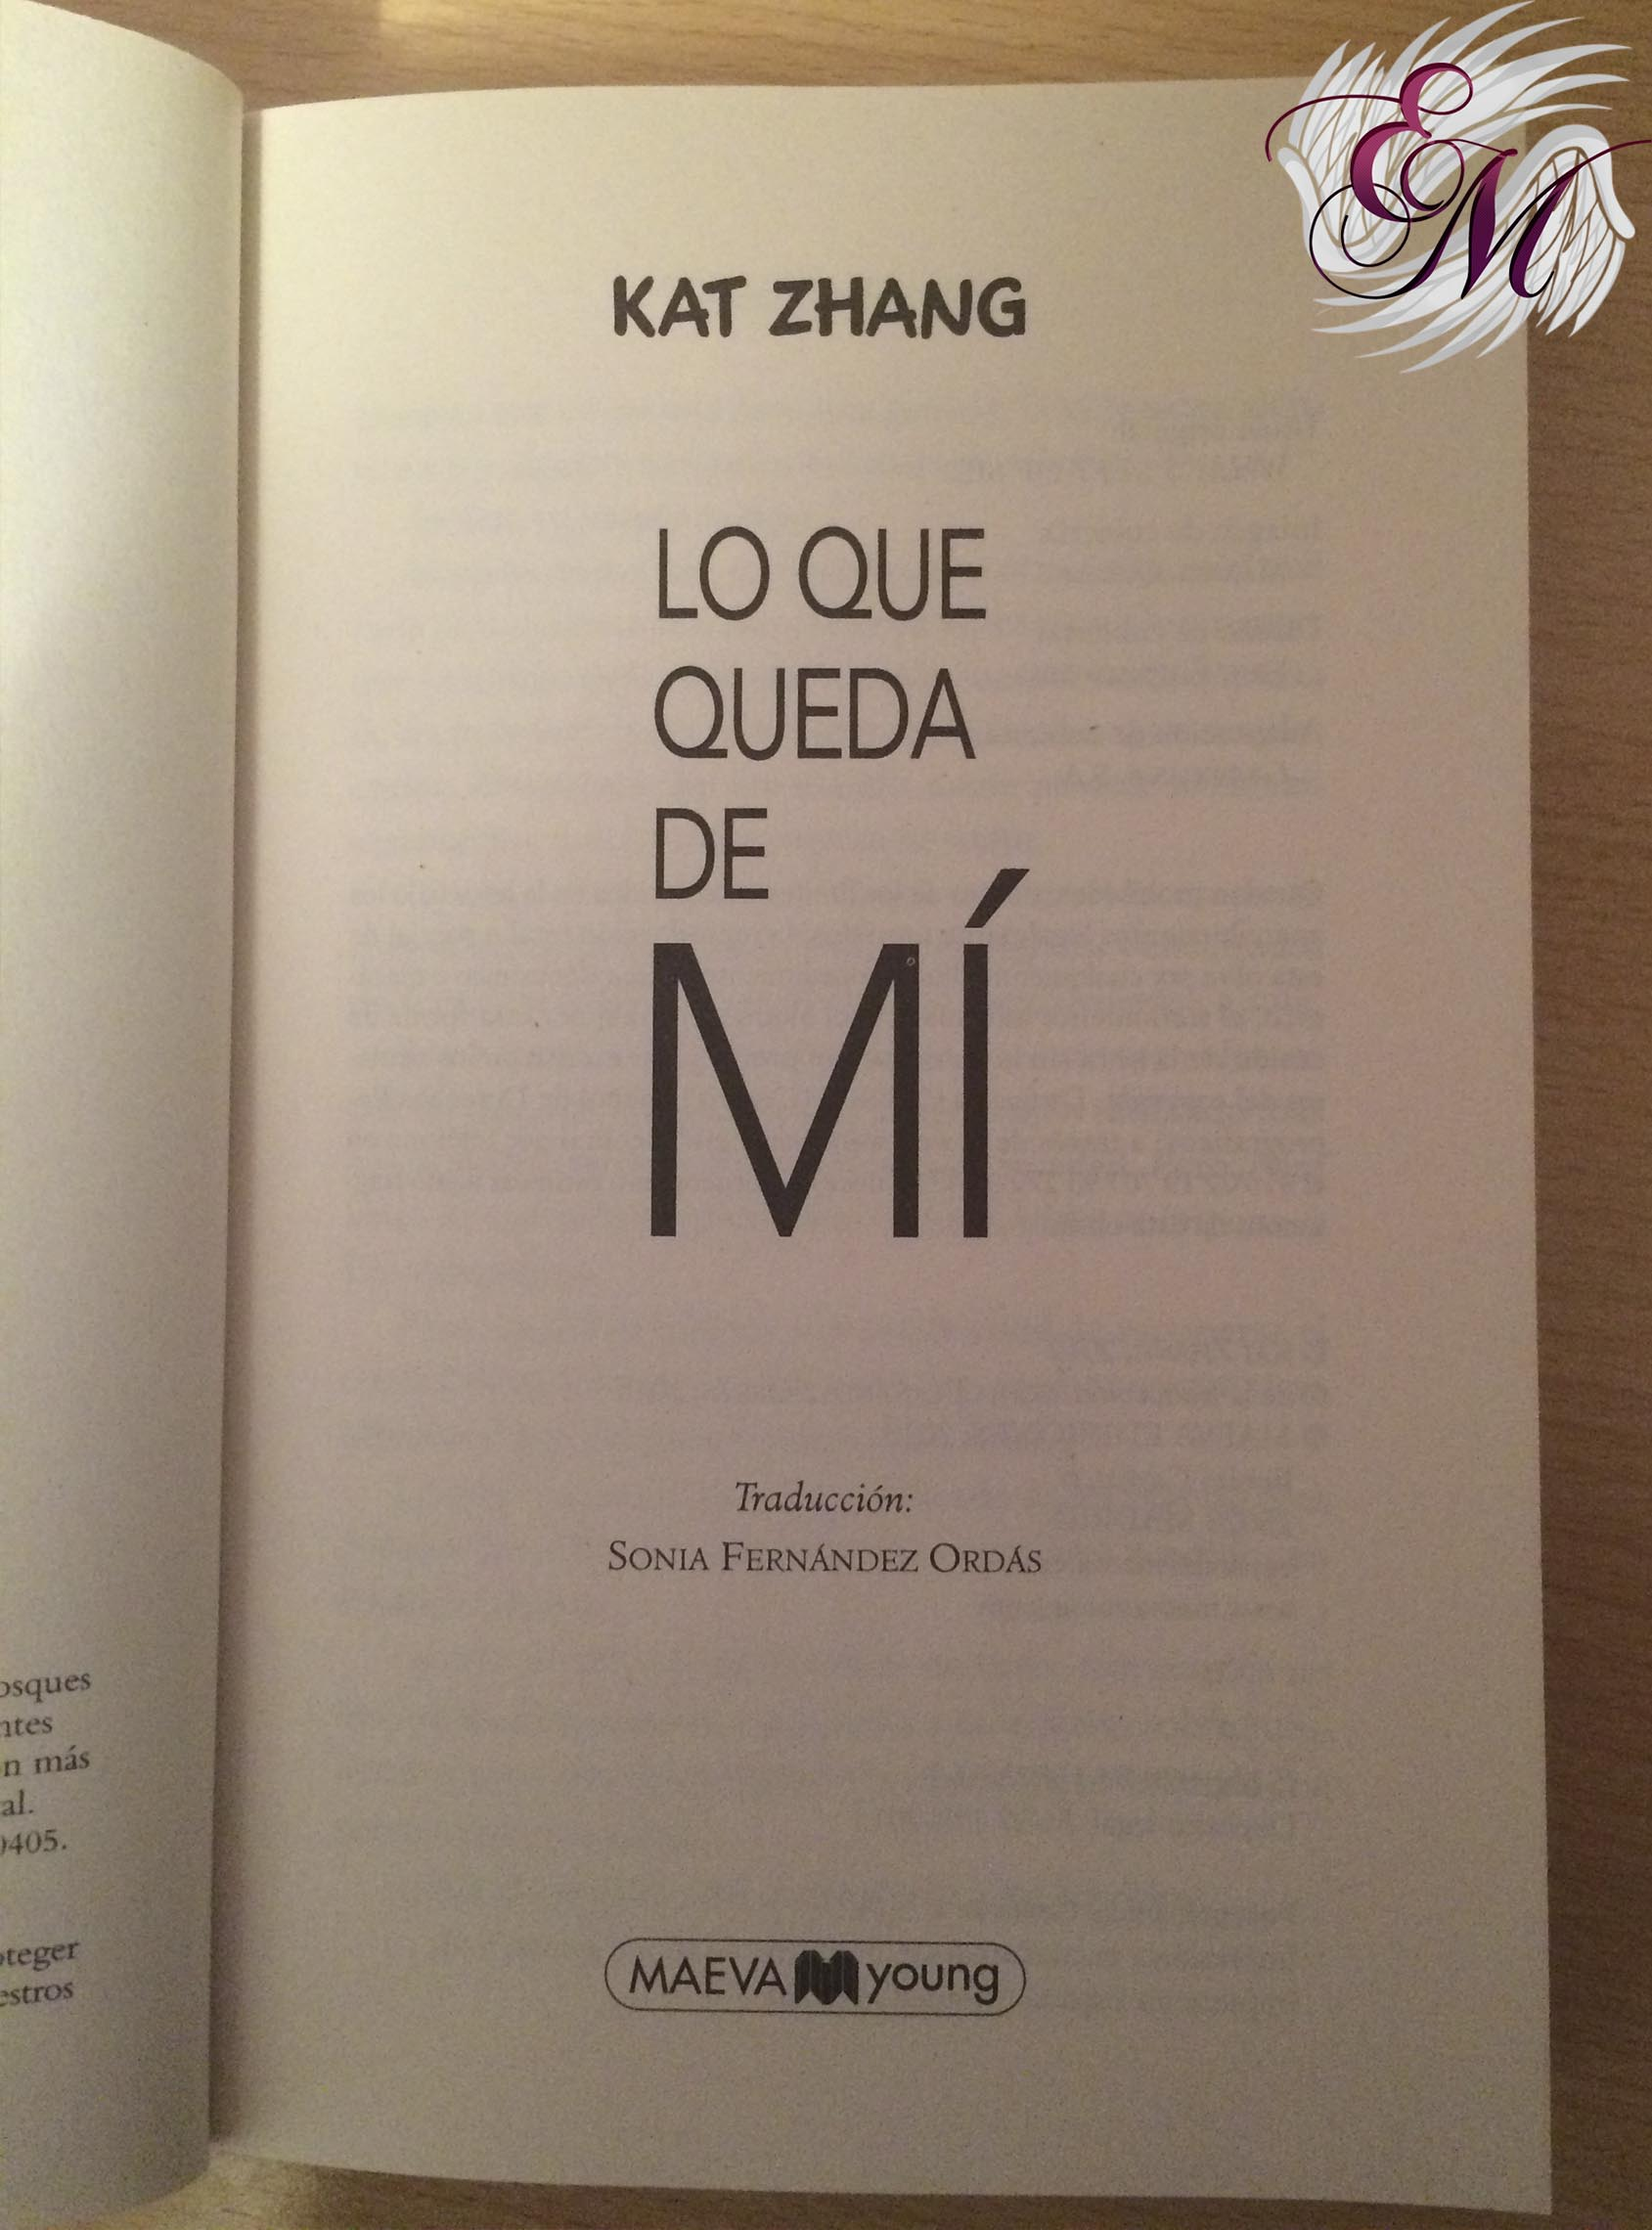 Lo que queda de mi, de Kat Zhang - Reseña